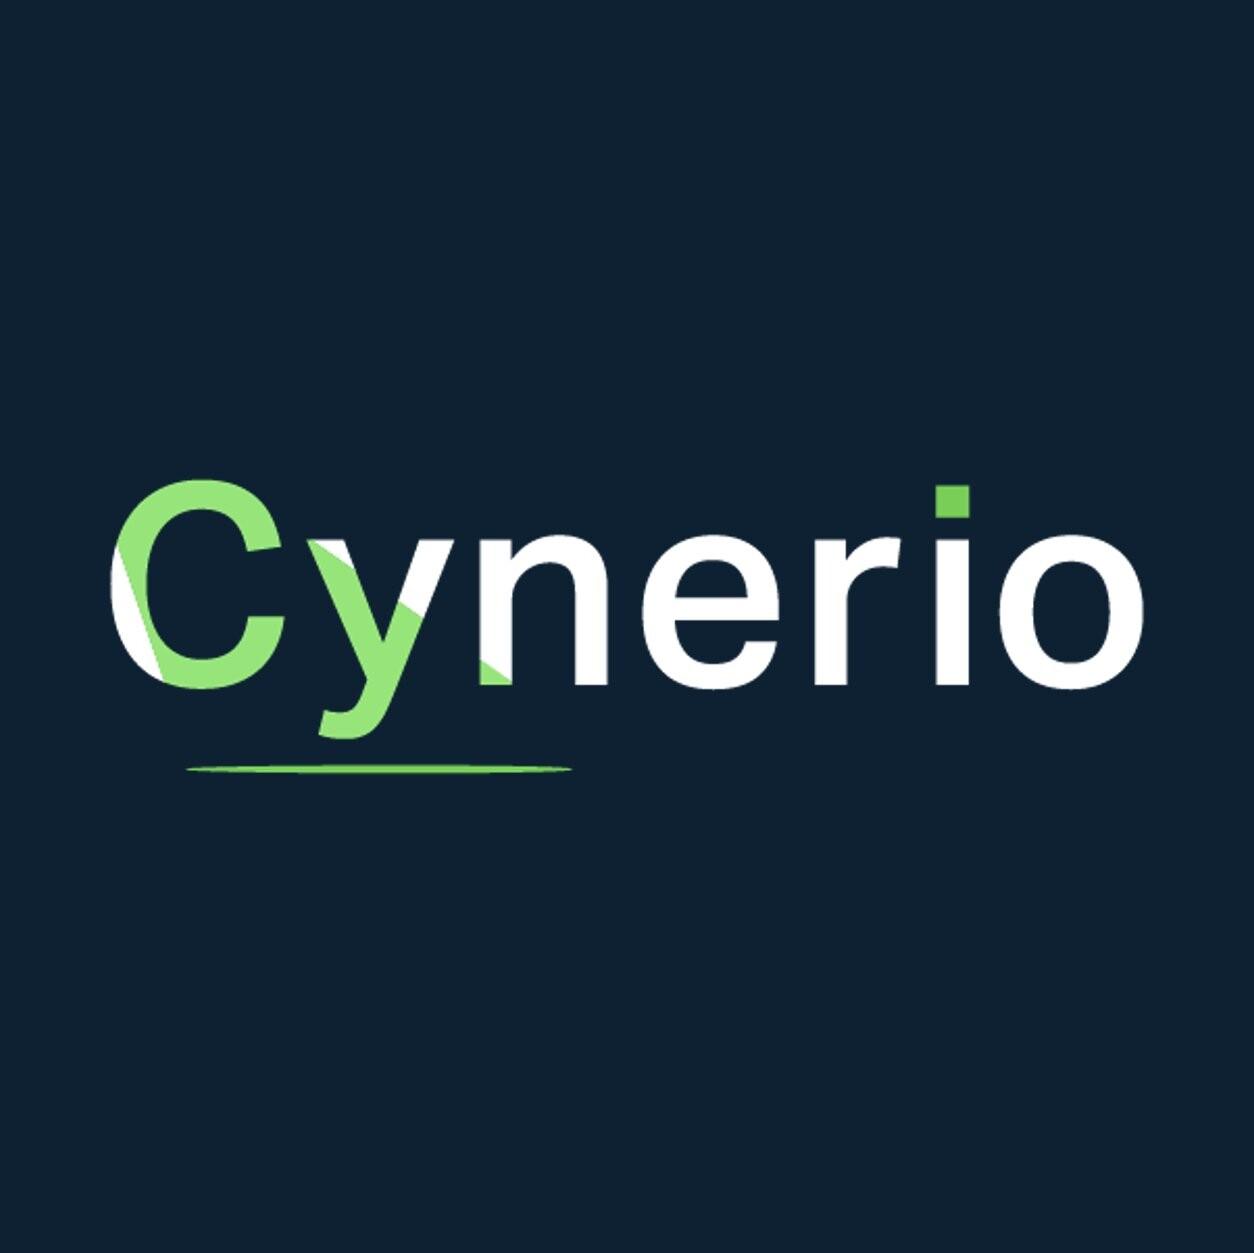 Cynerio